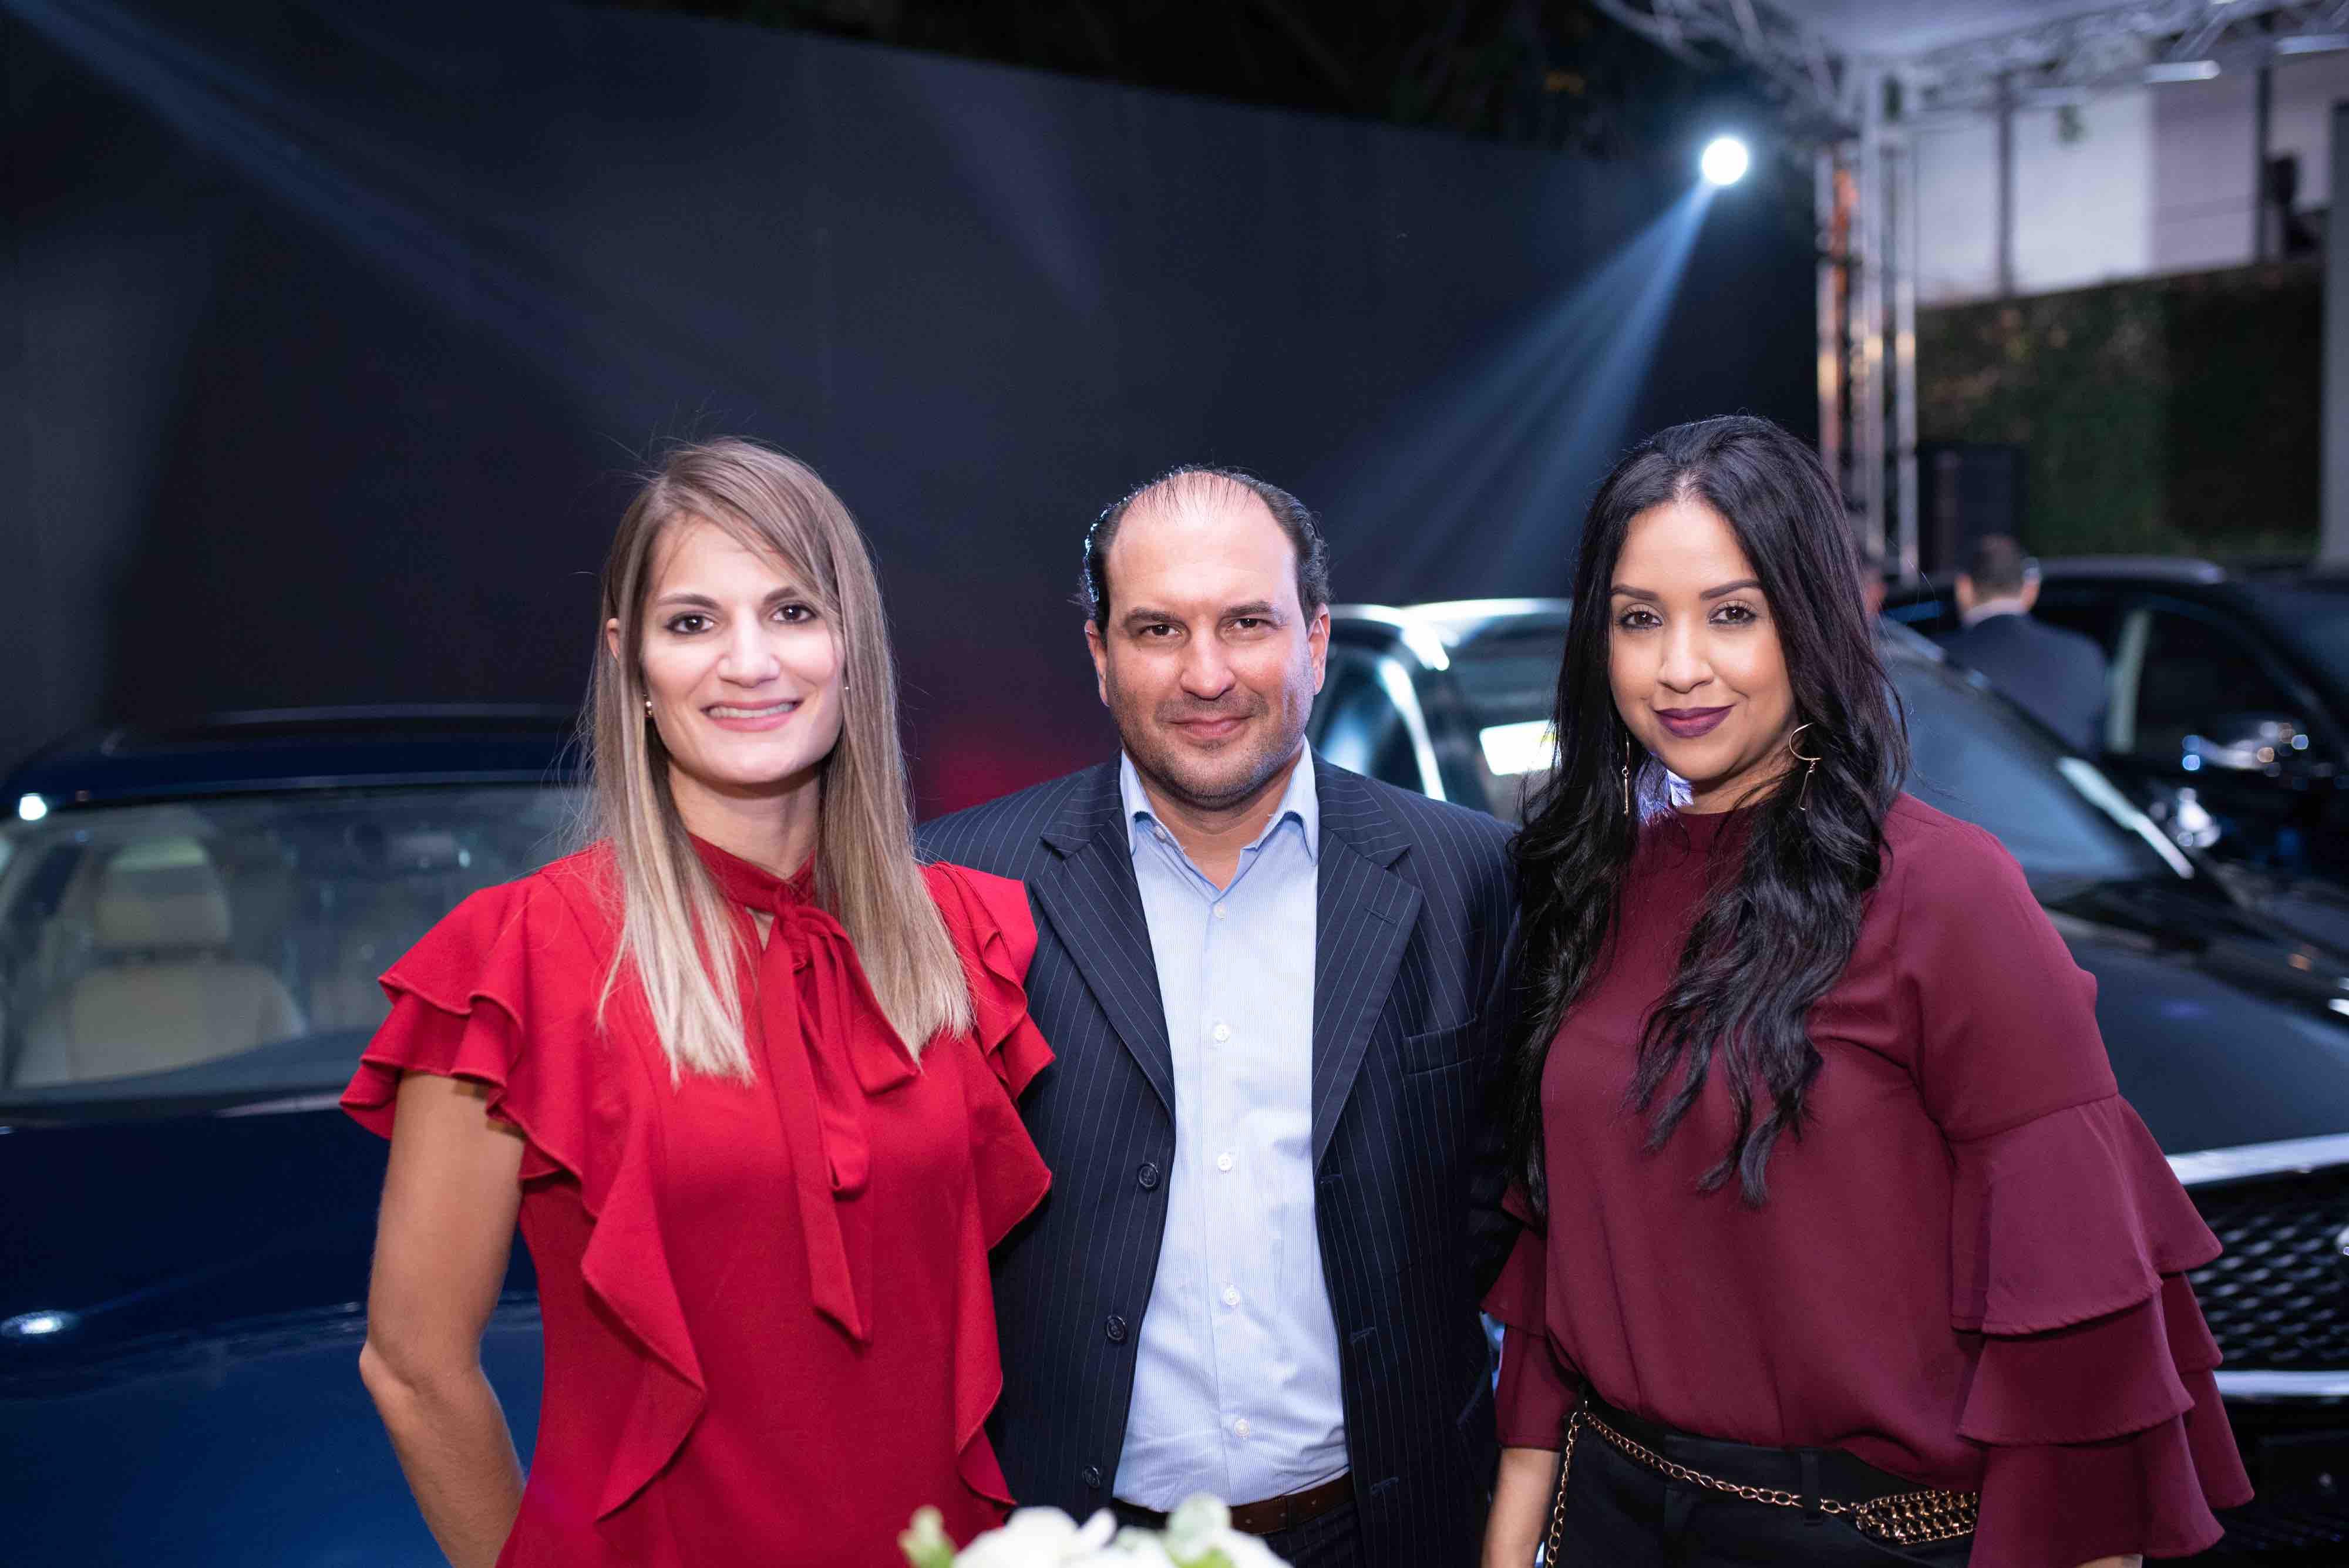 7. Ana Viñas, Juan Sierra y Liani Reyes